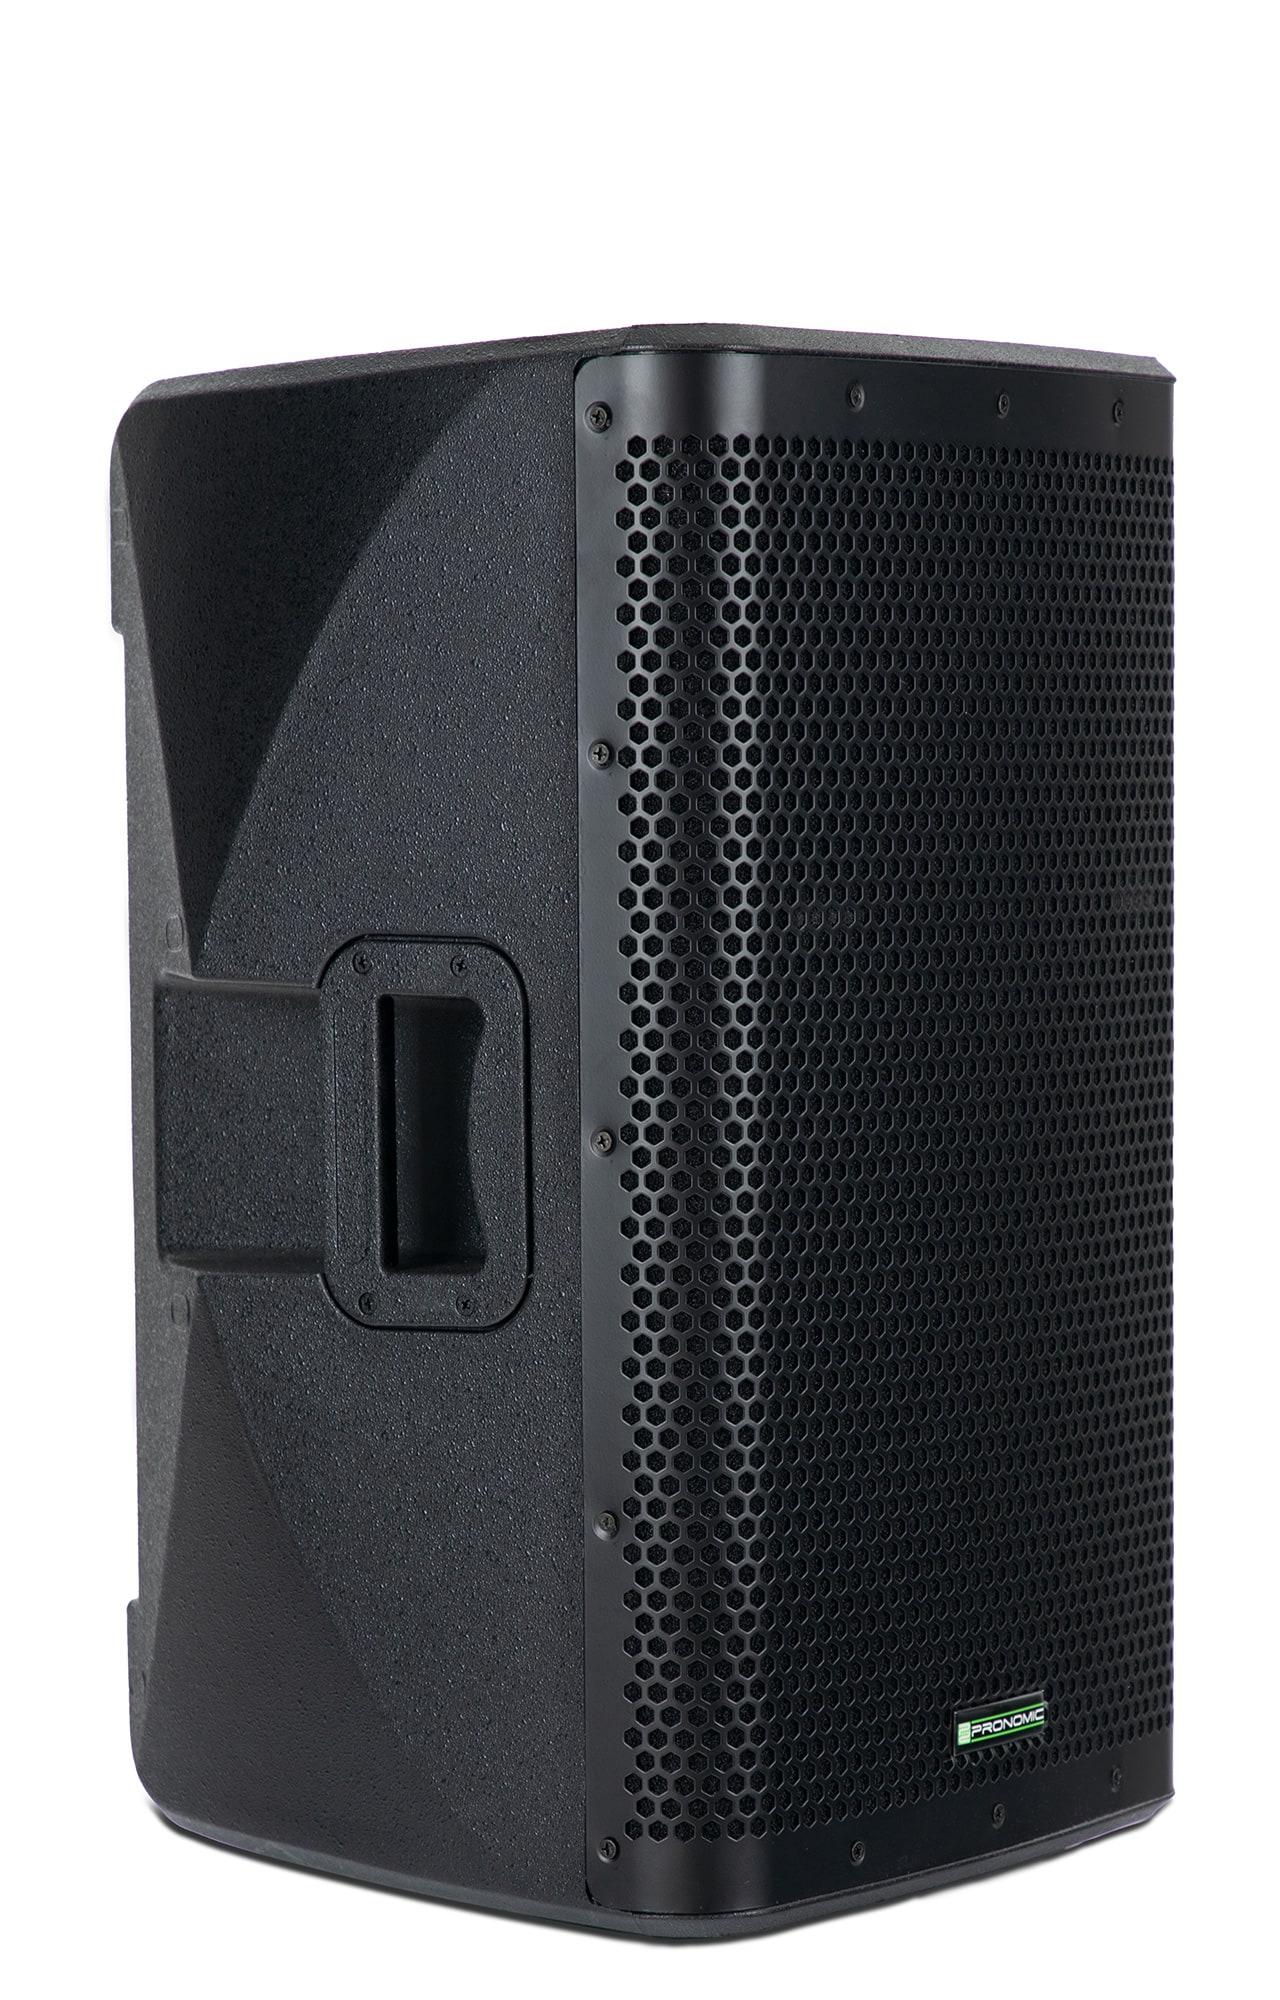 Paendstufen - Pronomic C 212 MA 12' Aktivbox 1000 Watt Retoure (Zustand sehr gut) - Onlineshop Musikhaus Kirstein